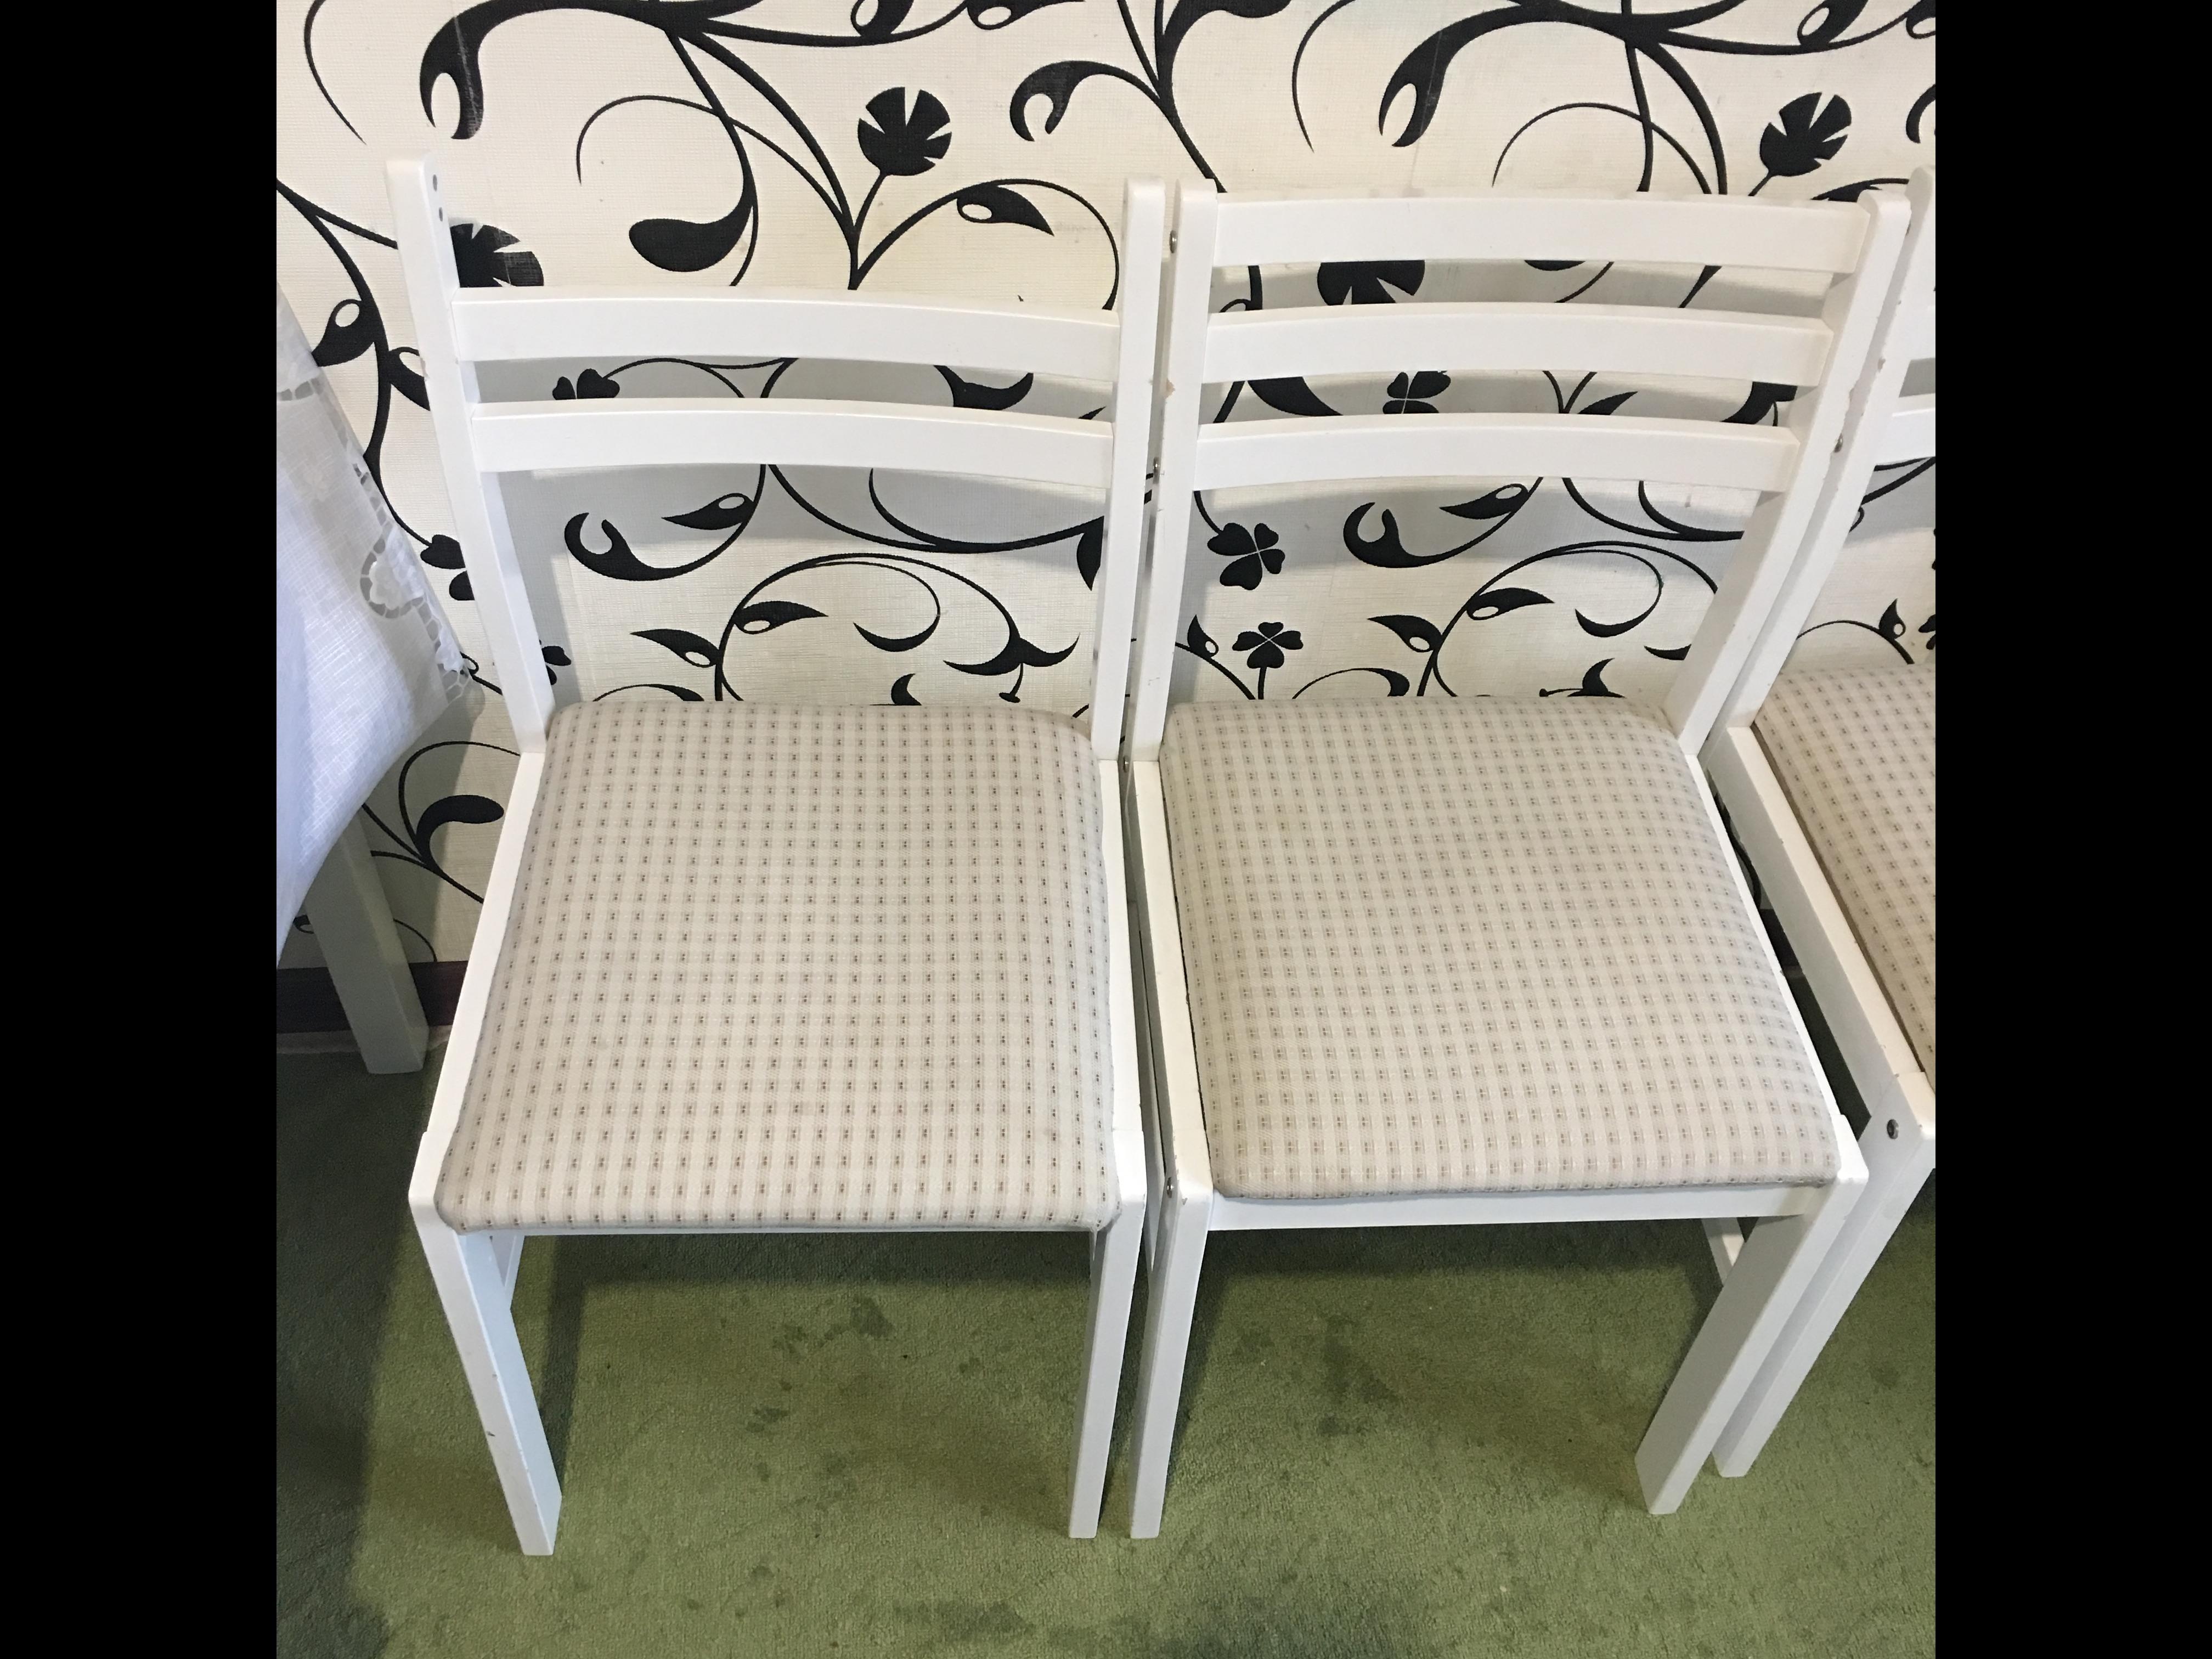 Фото Химчистка кухонных стульев (после)